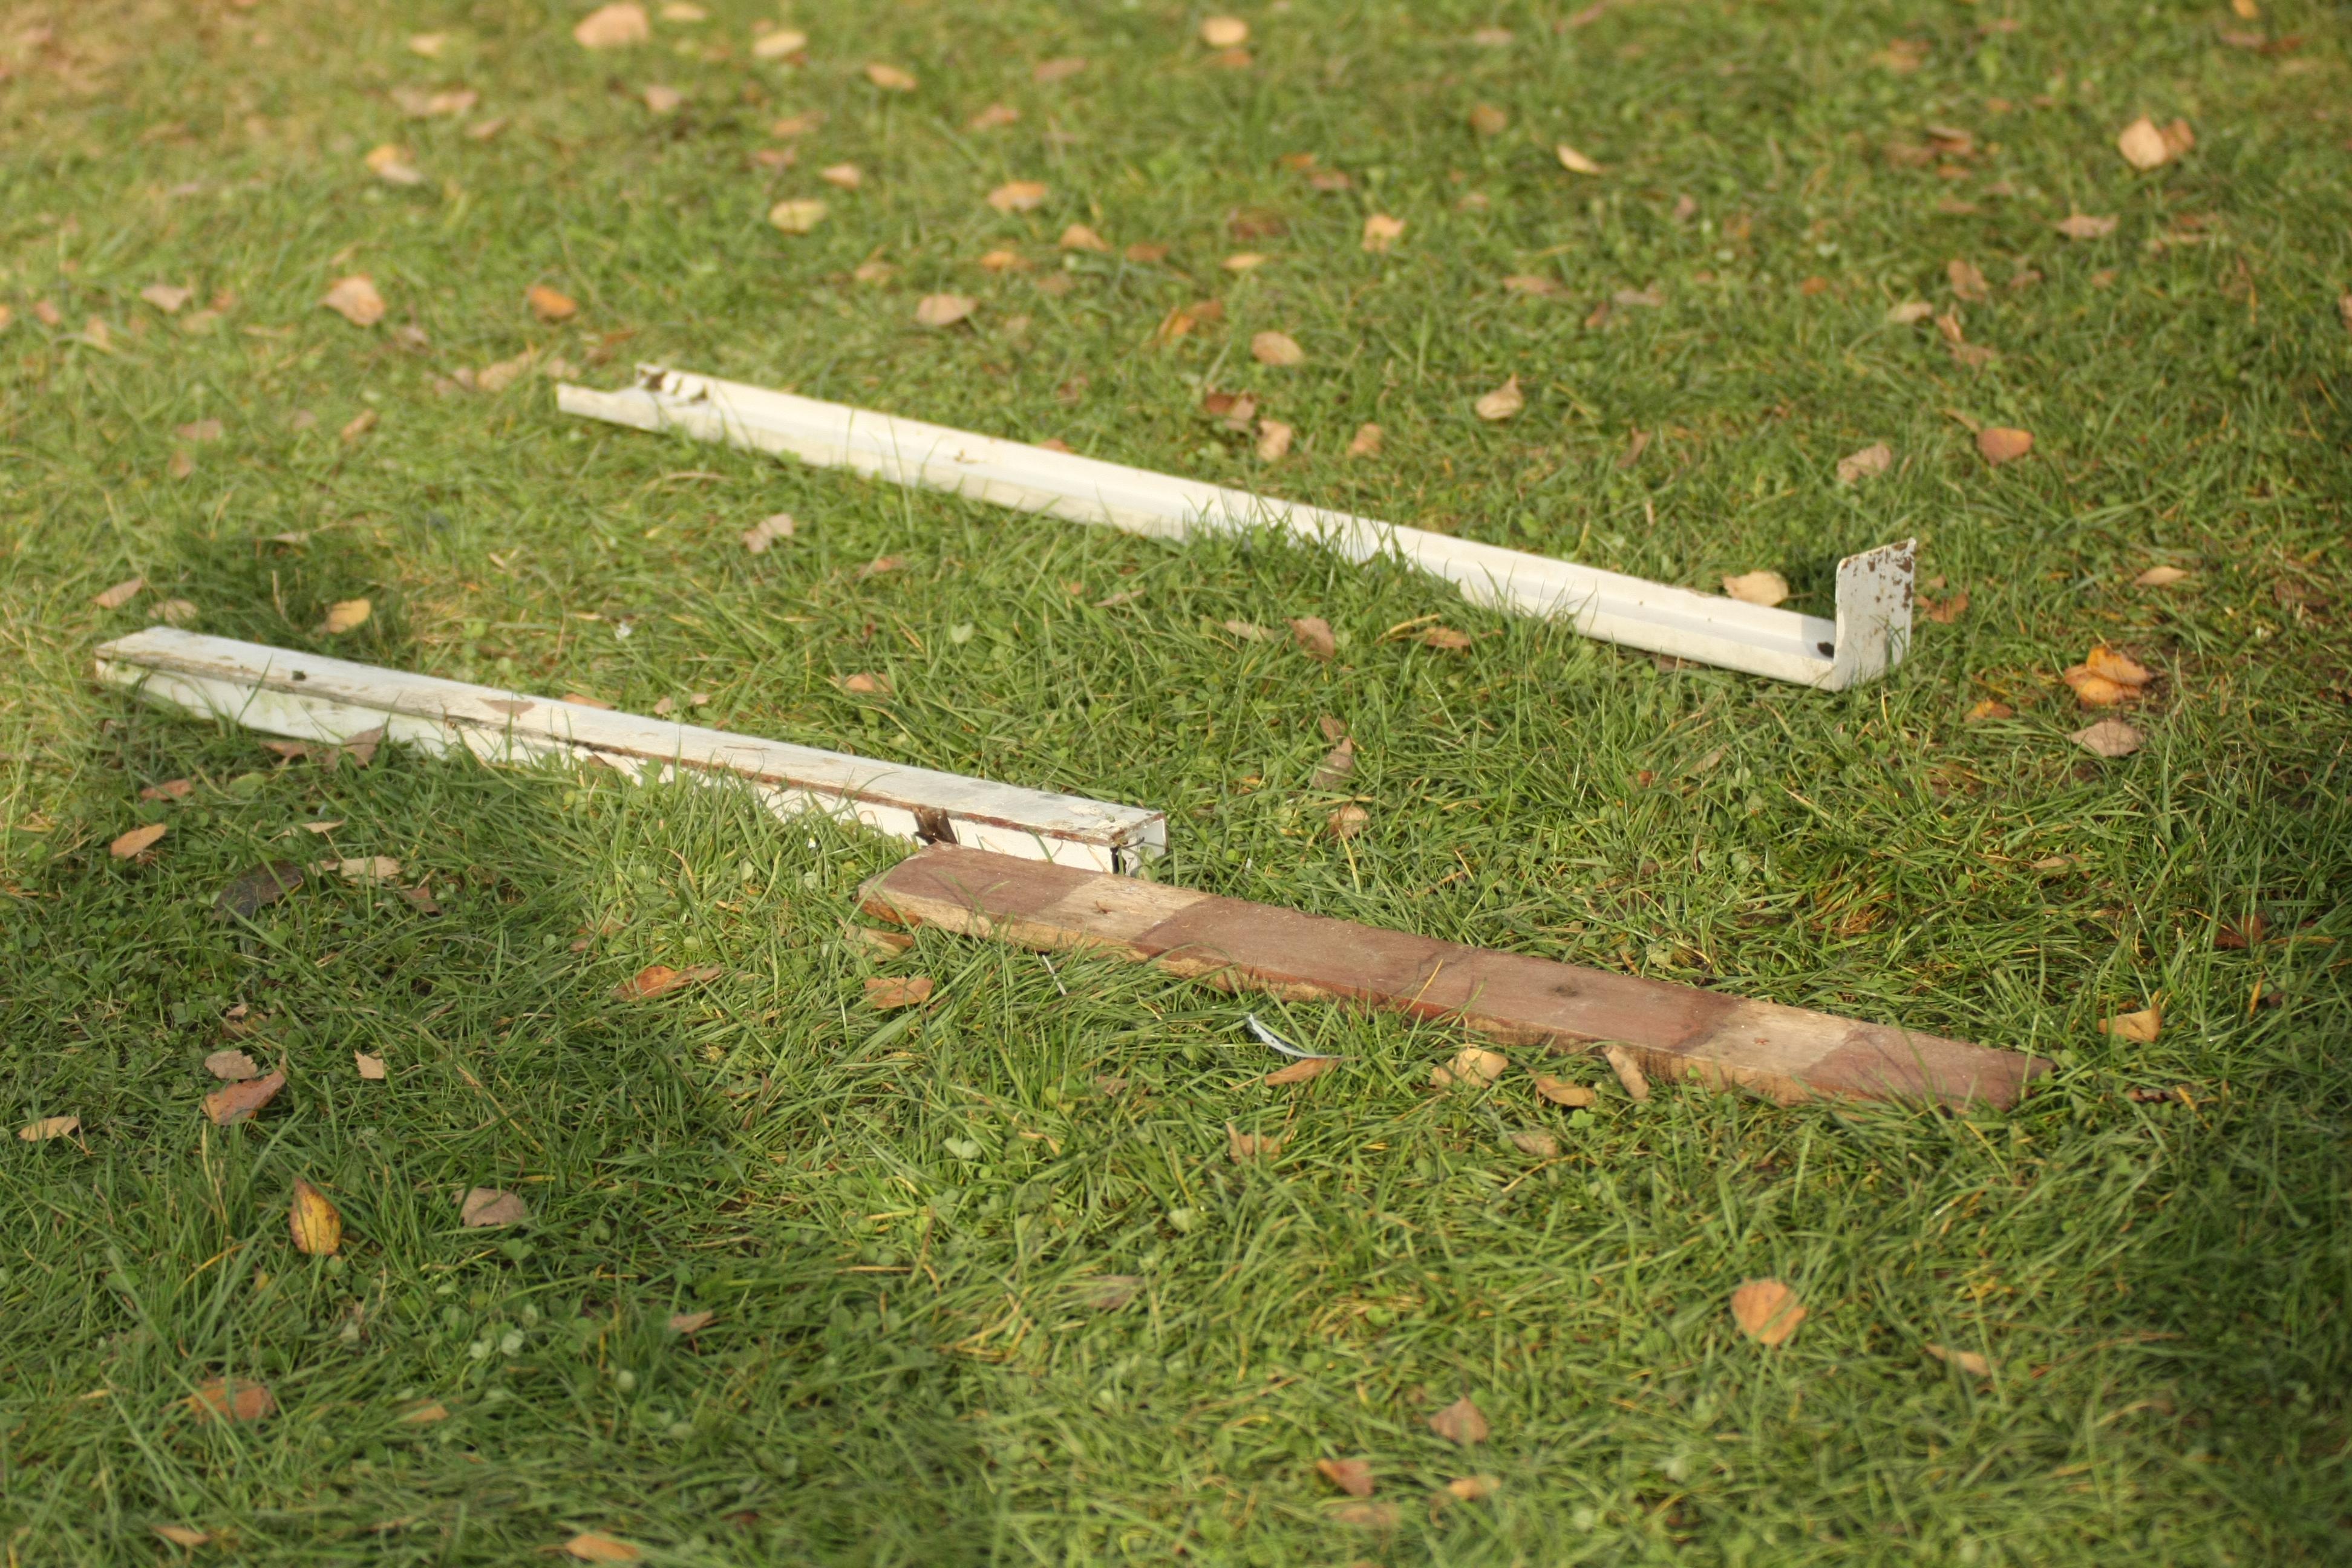 Eisenstangen und Holzlatten als Tatwaffen